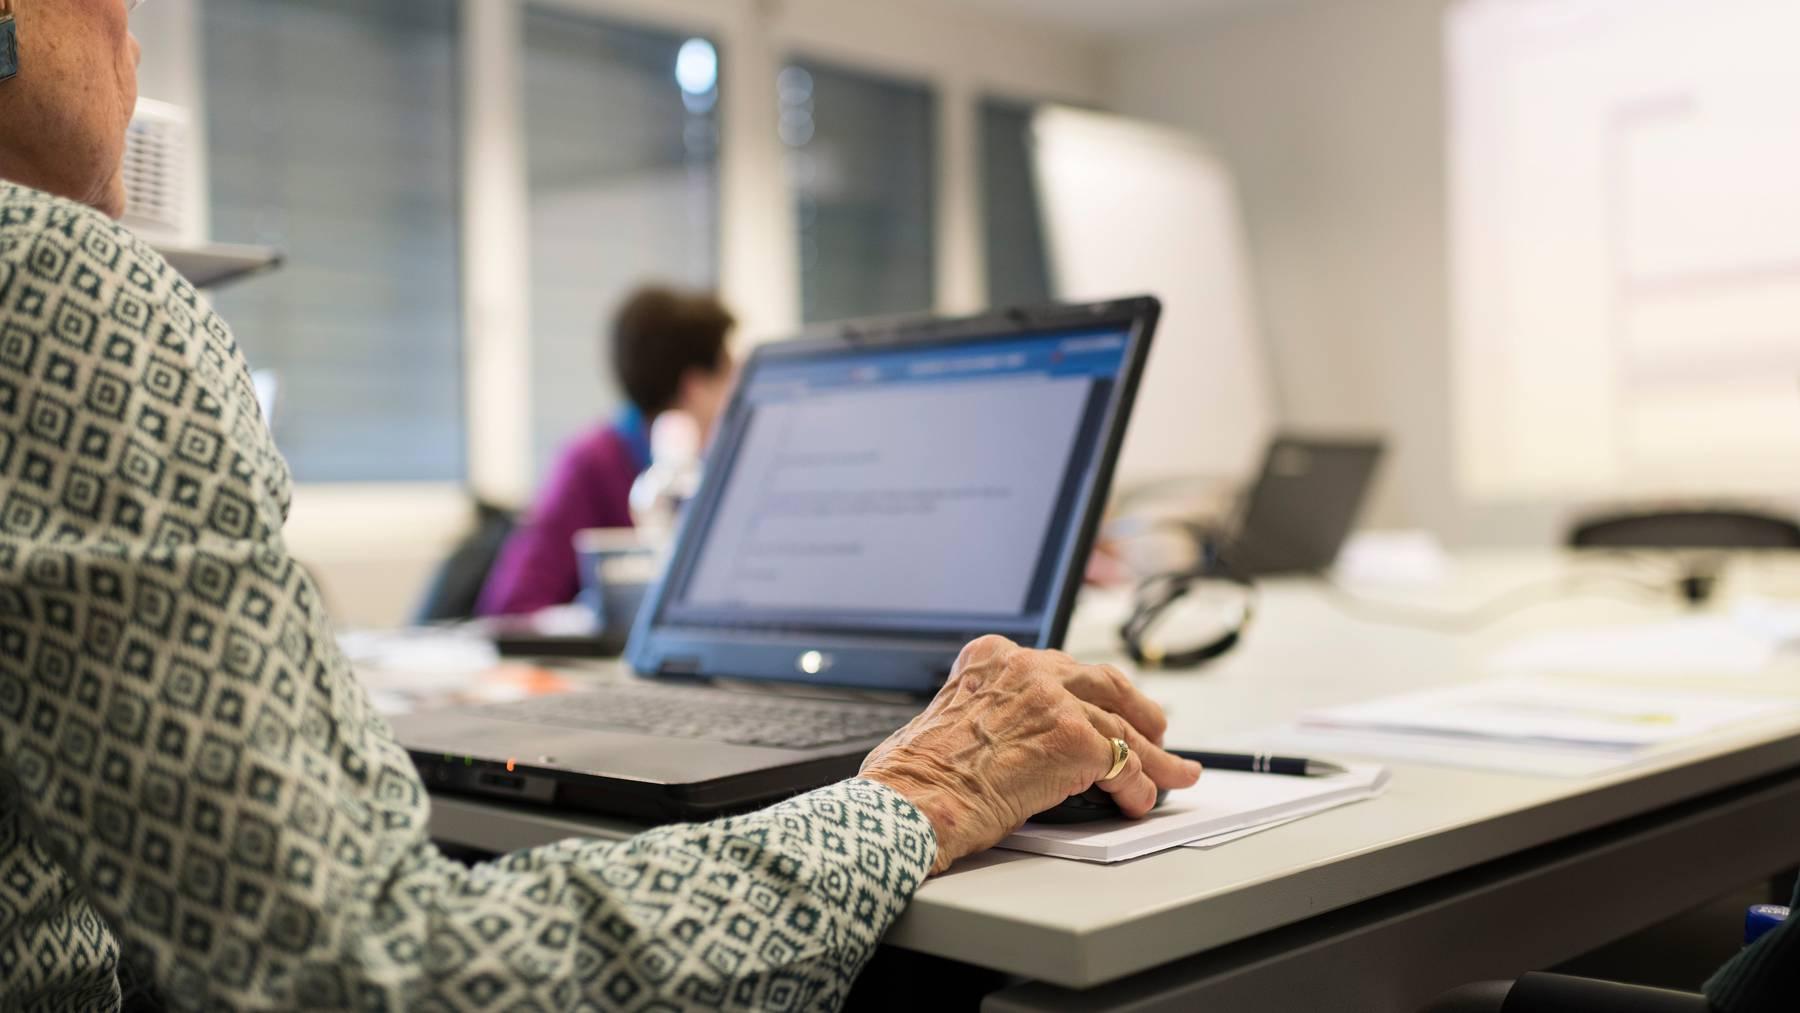 Senioren in einem Laptop-Kurs von Pro Senectute 2019. Heute nutzen laut einer Studie Organisation drei Viertel der über 65-Jährigen das Internet.